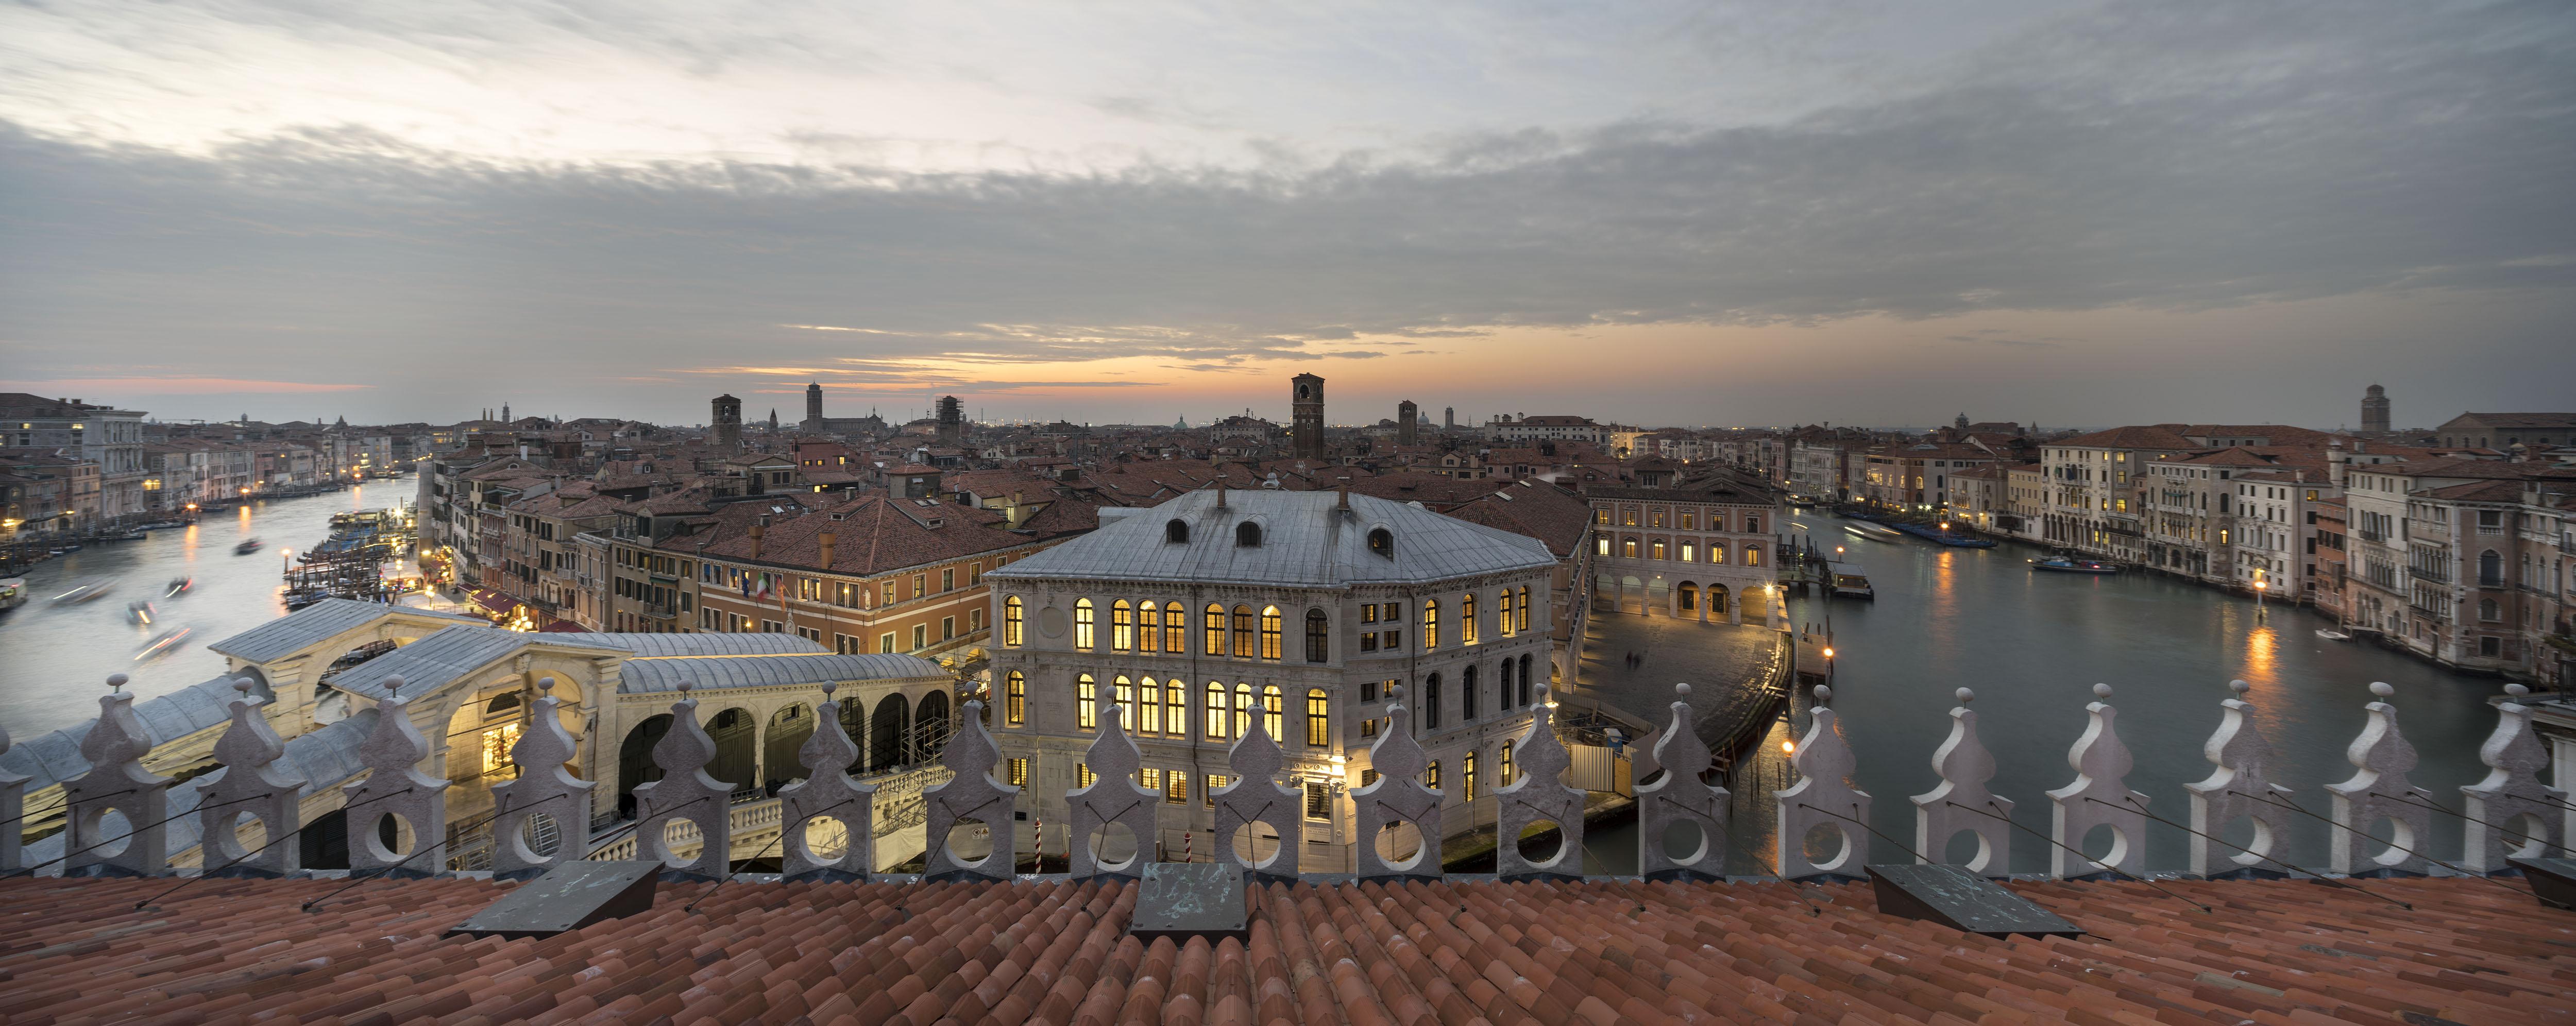 T Fondaco Dei Tedeschi Dfs Store In Venice